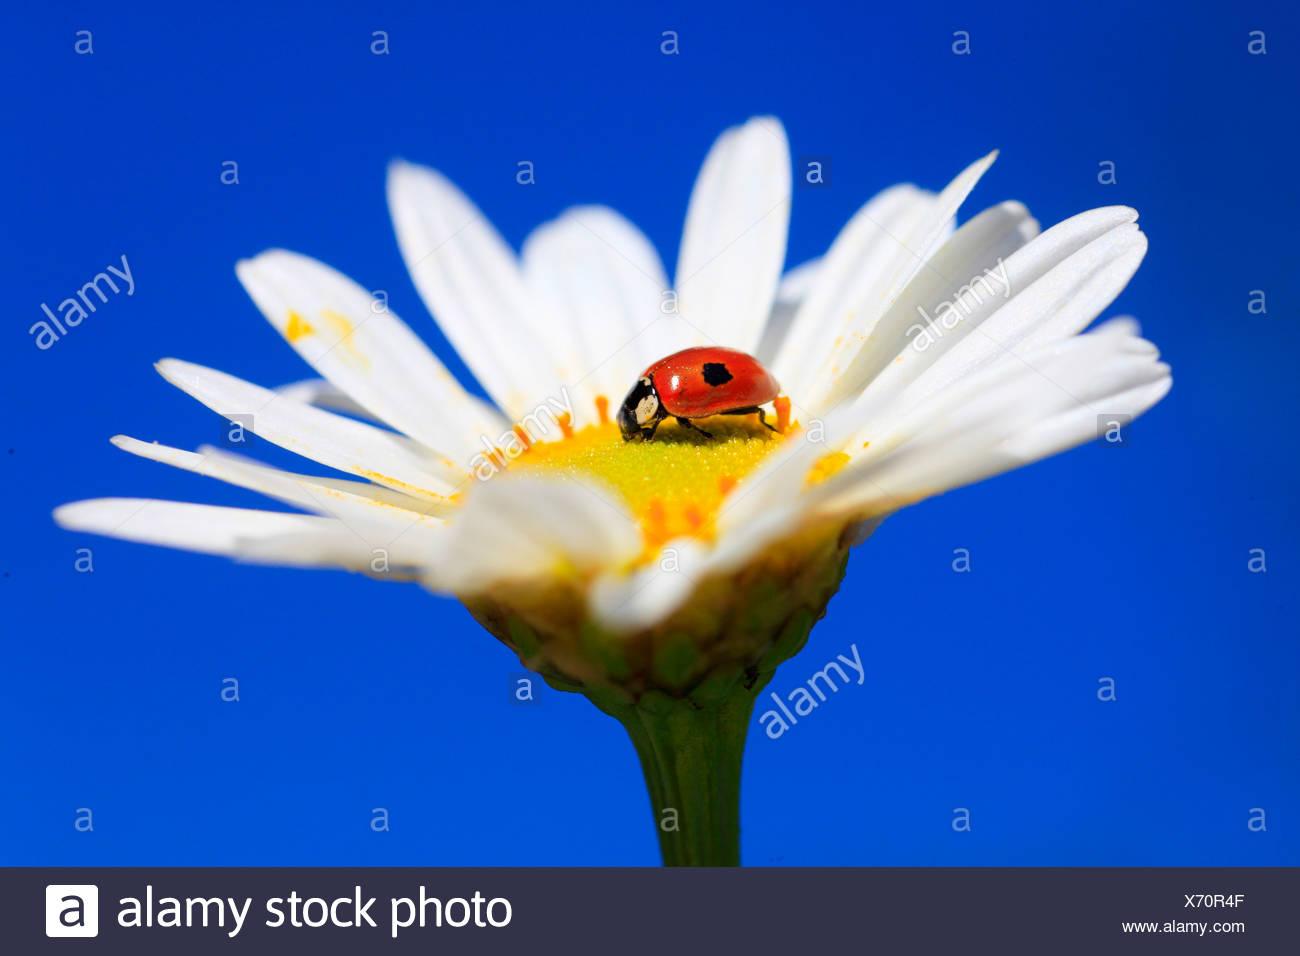 2, Adalia bipunctata, flower, flowers, blossom, flourish, Coccinellidae, detail, field, spring, garden, garden flower, marguerit - Stock Image